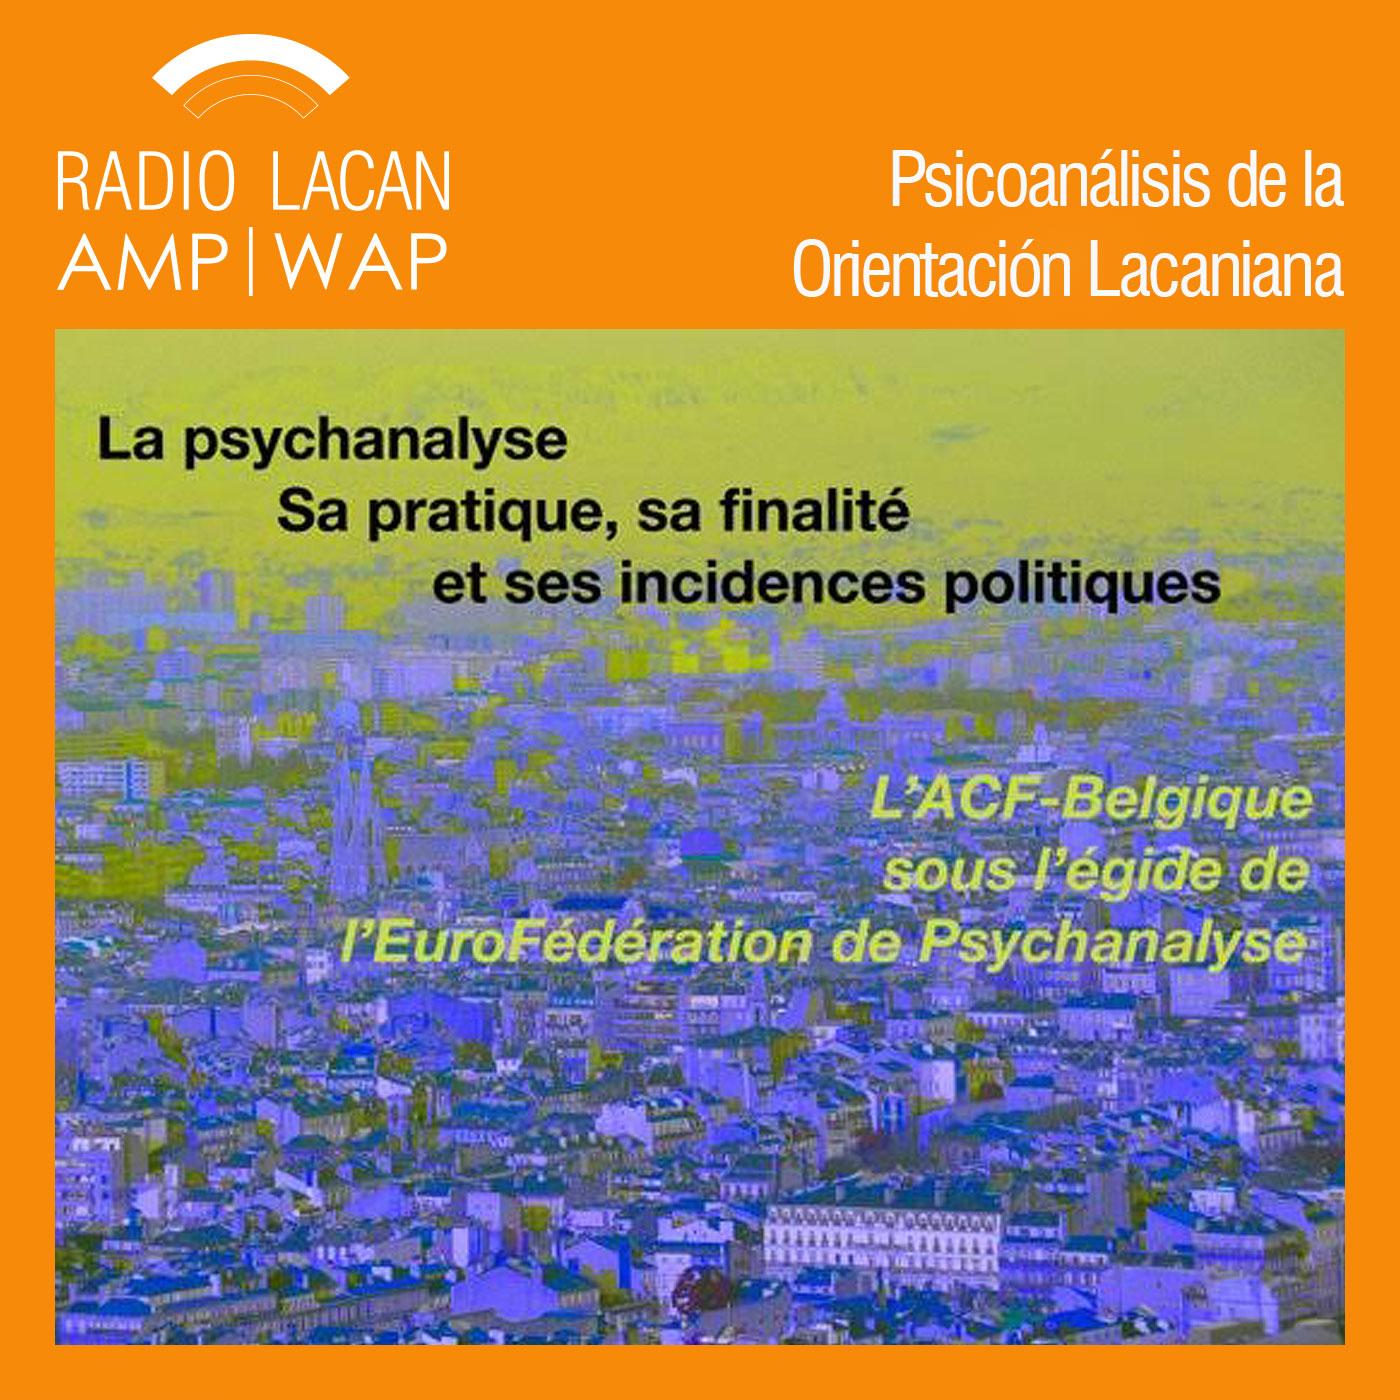 RadioLacan.com | <![CDATA[Noche de la ACF-Bélgica: El psicoanálisis hoy. Su práctica, su finalidad y sus incidencias políticas]]>